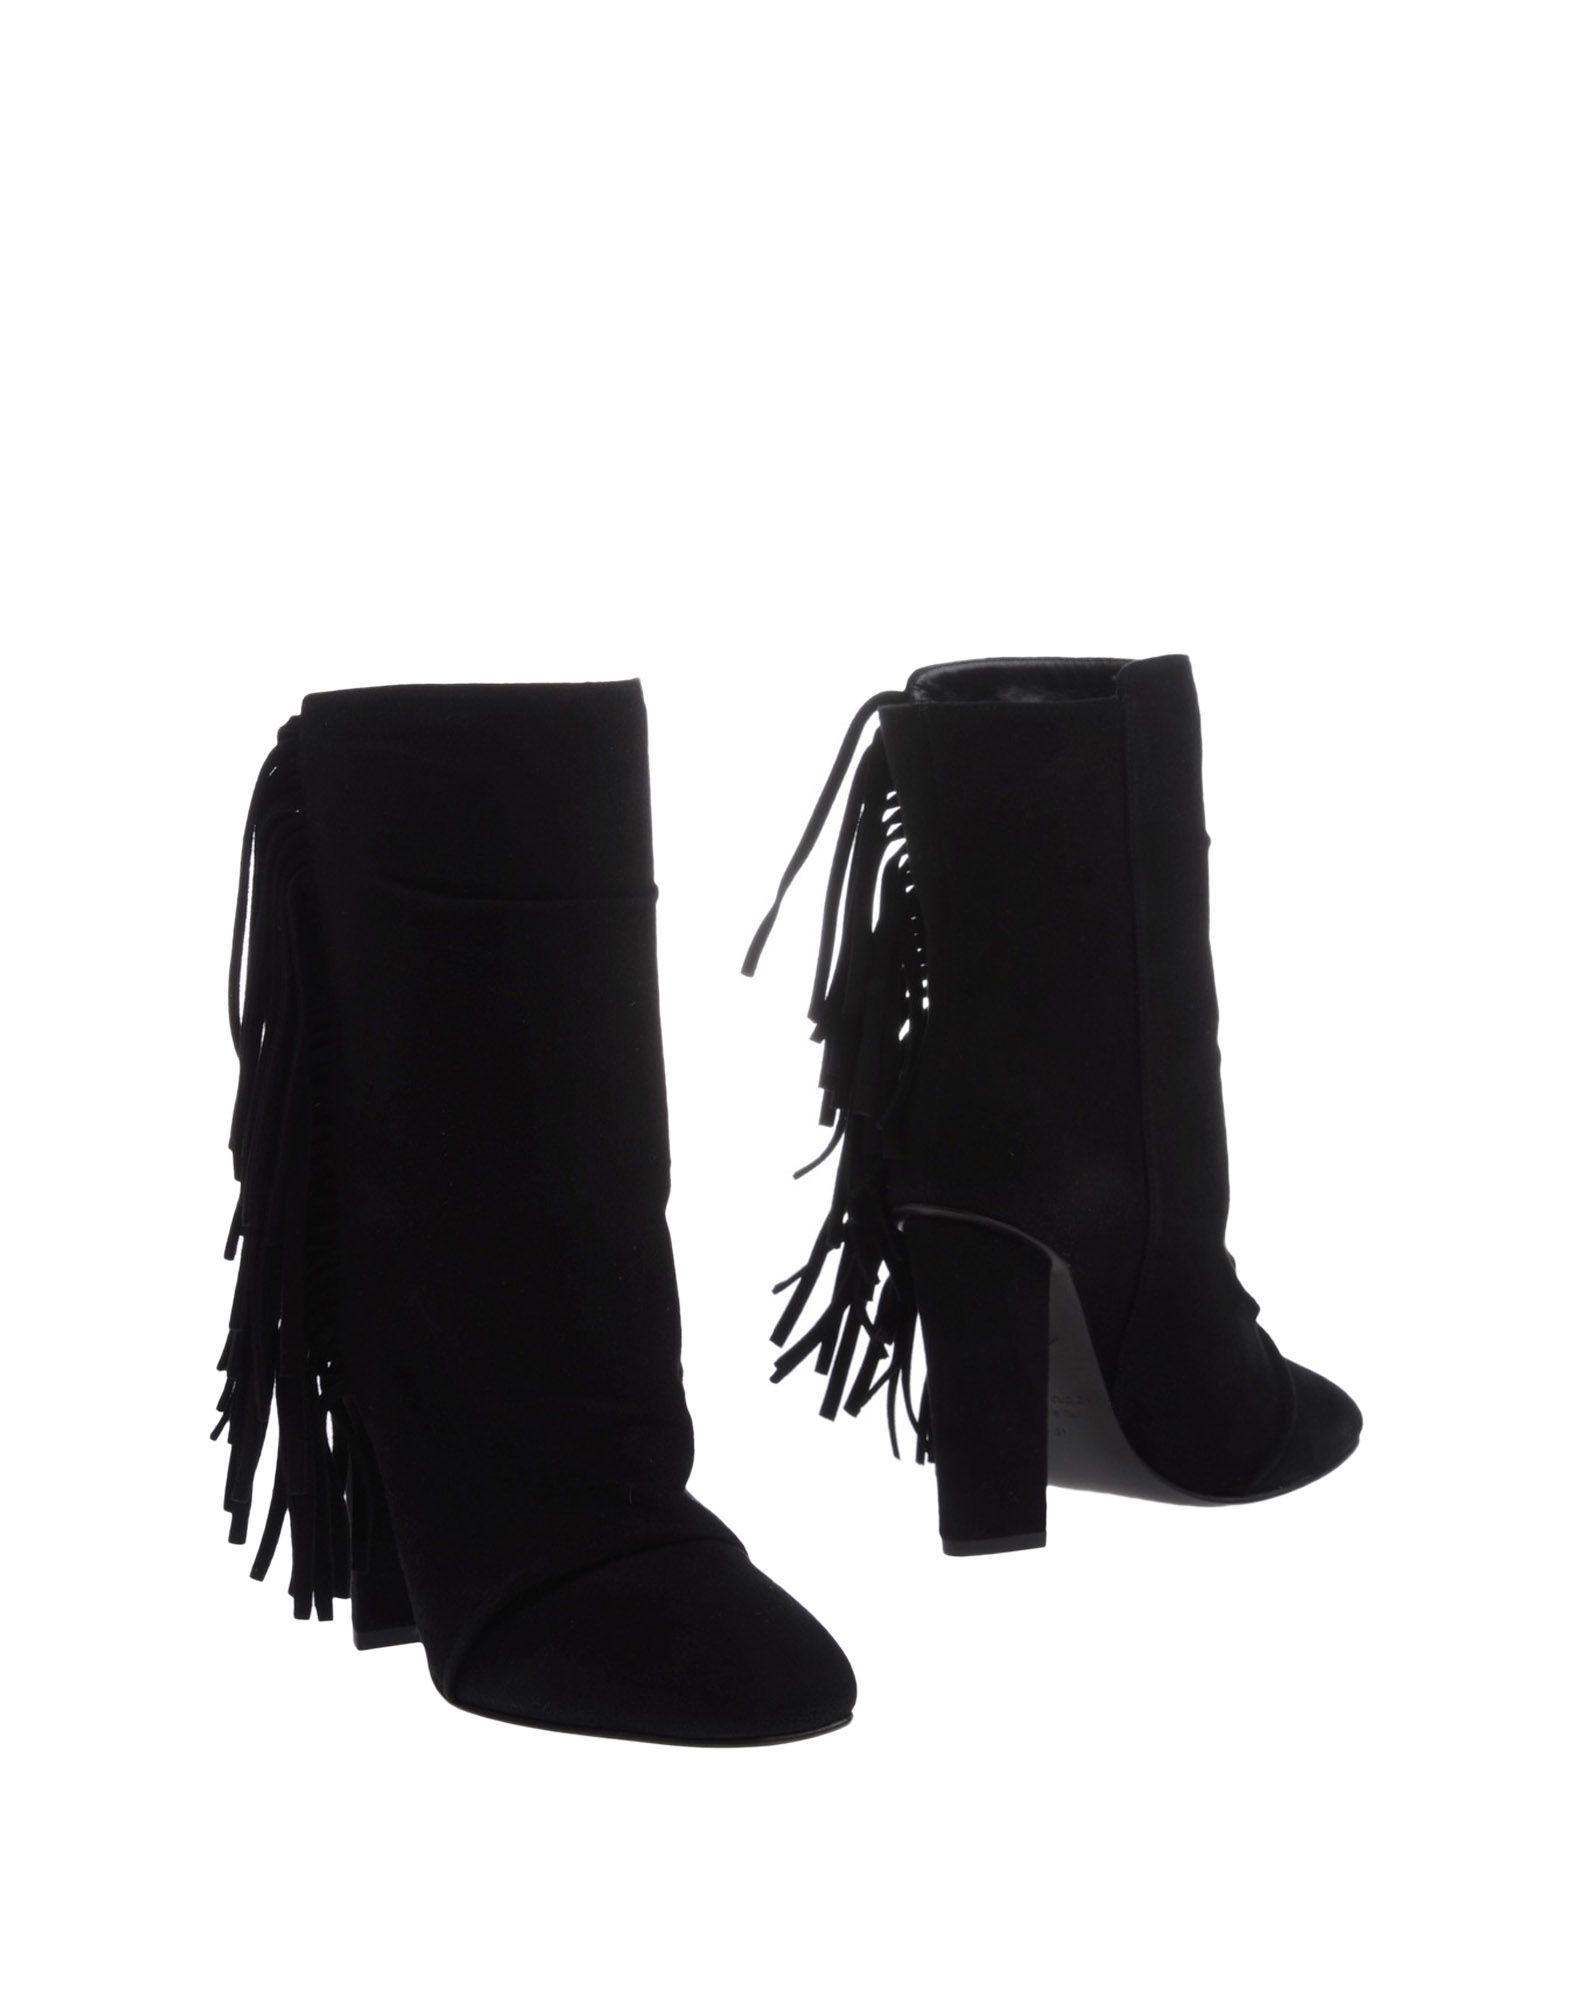 Giuseppe Zanotti Stiefelette Damen  11240903PMGünstige gut aussehende Schuhe